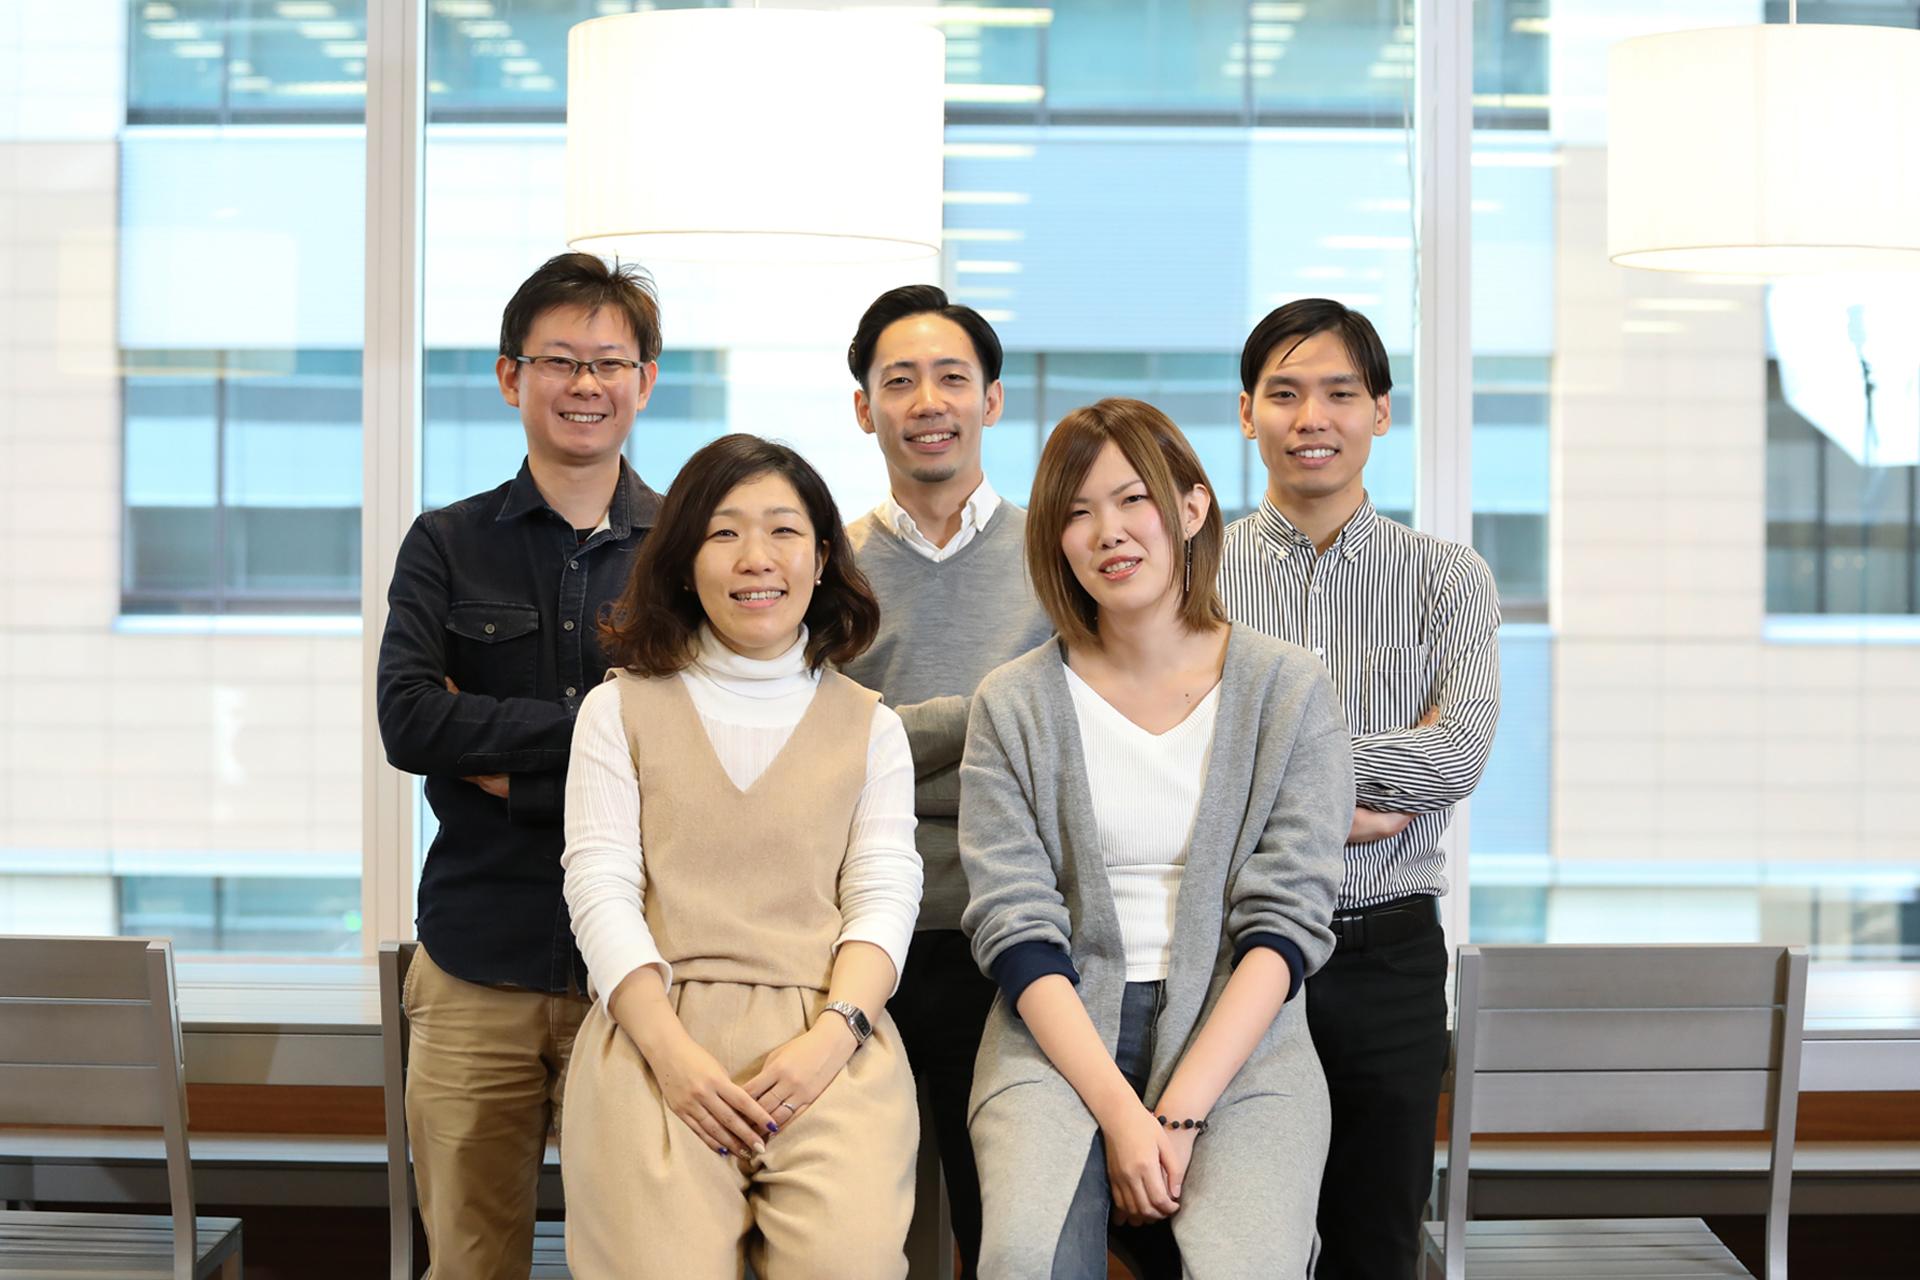 人のパフォーマンス、可能性を引き出す『HITO-Link』<br>新規開発プロジェクト